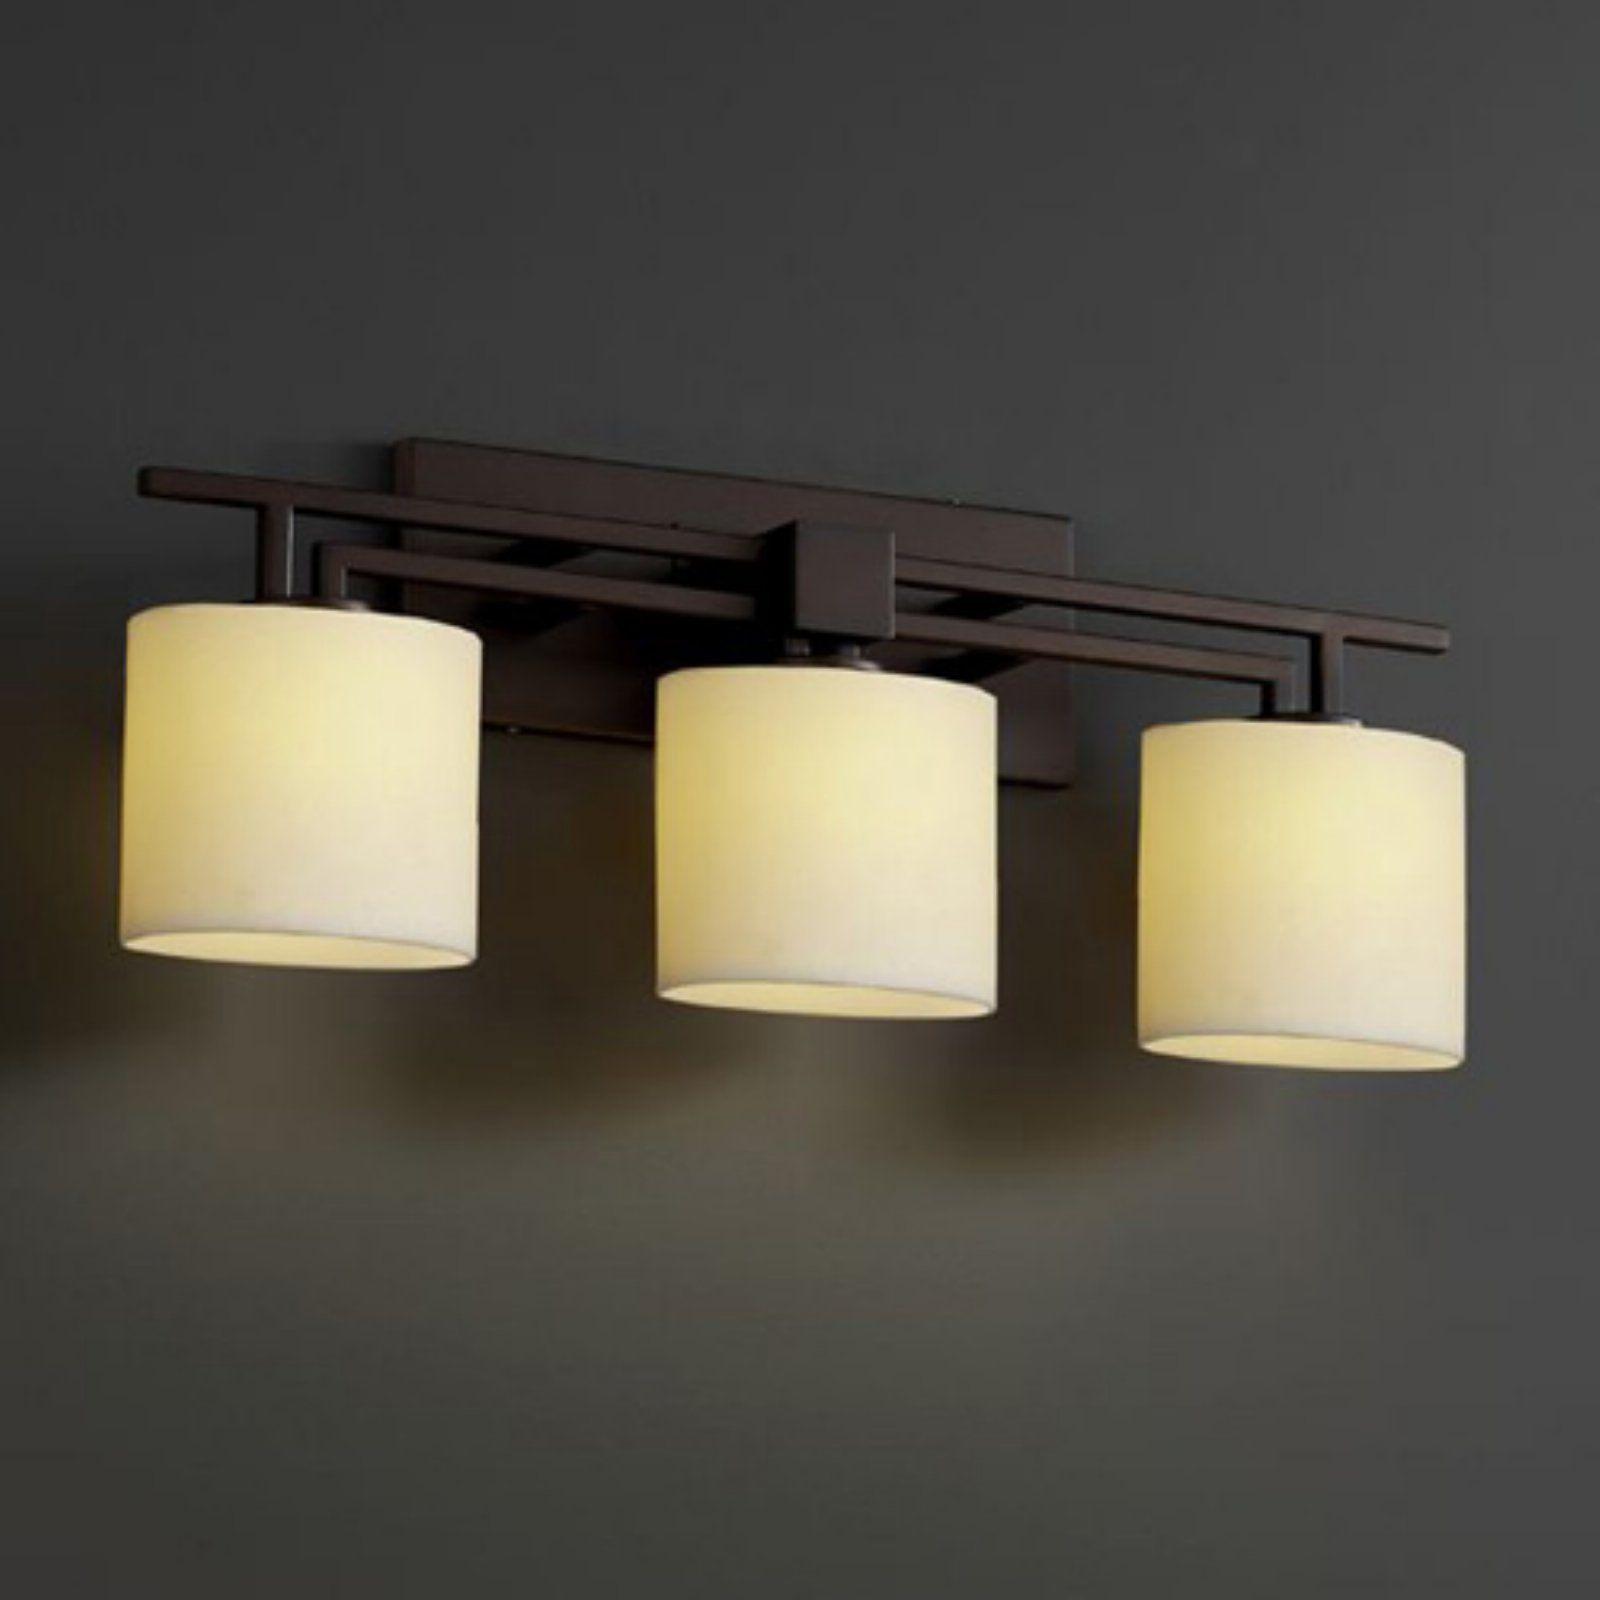 Bobo 5 Light Shade Chandelier | Homebase | Light shades